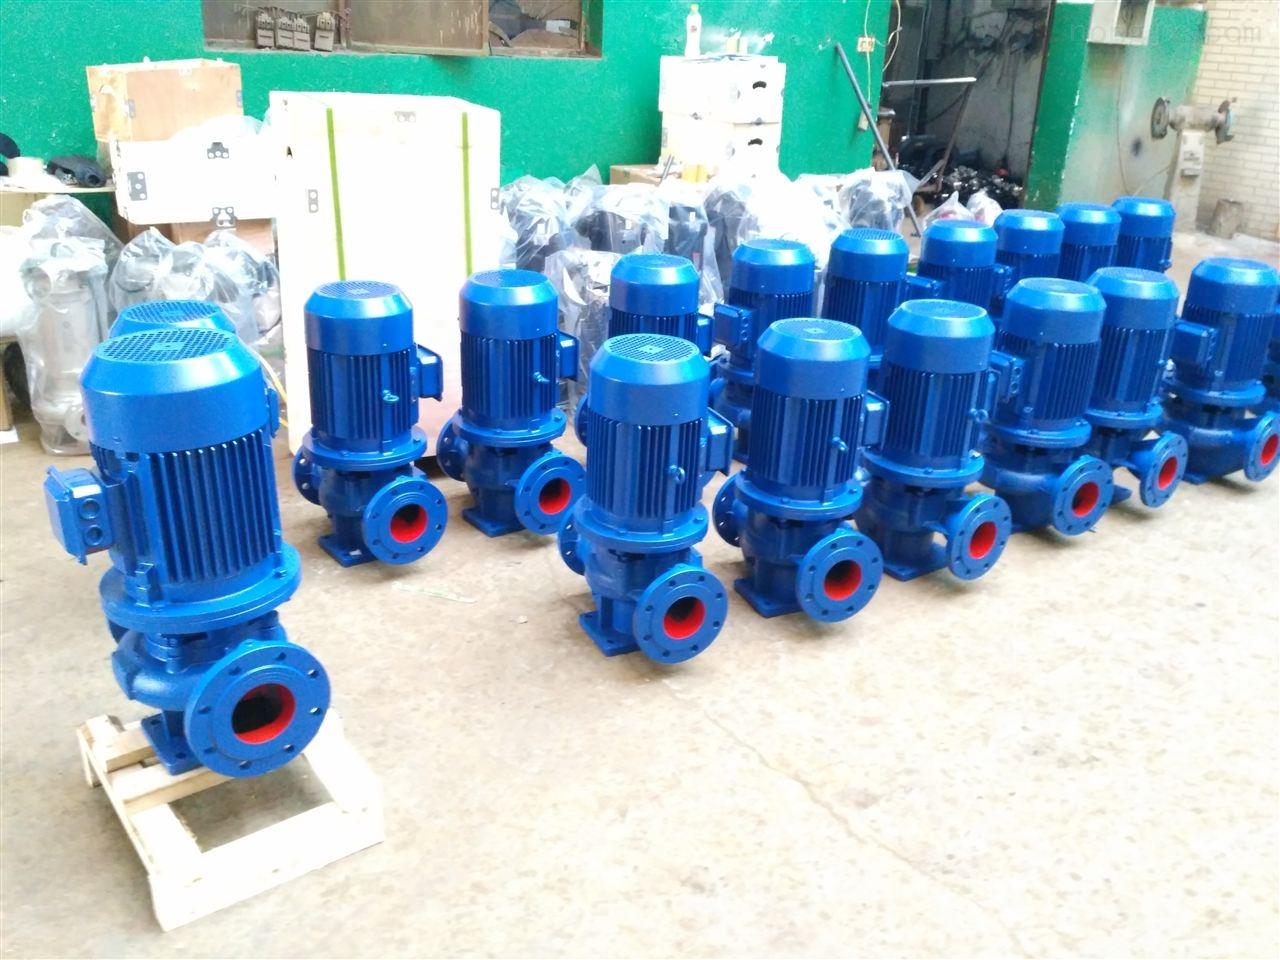 立式离心管道泵32-125离心增压泵给水泵